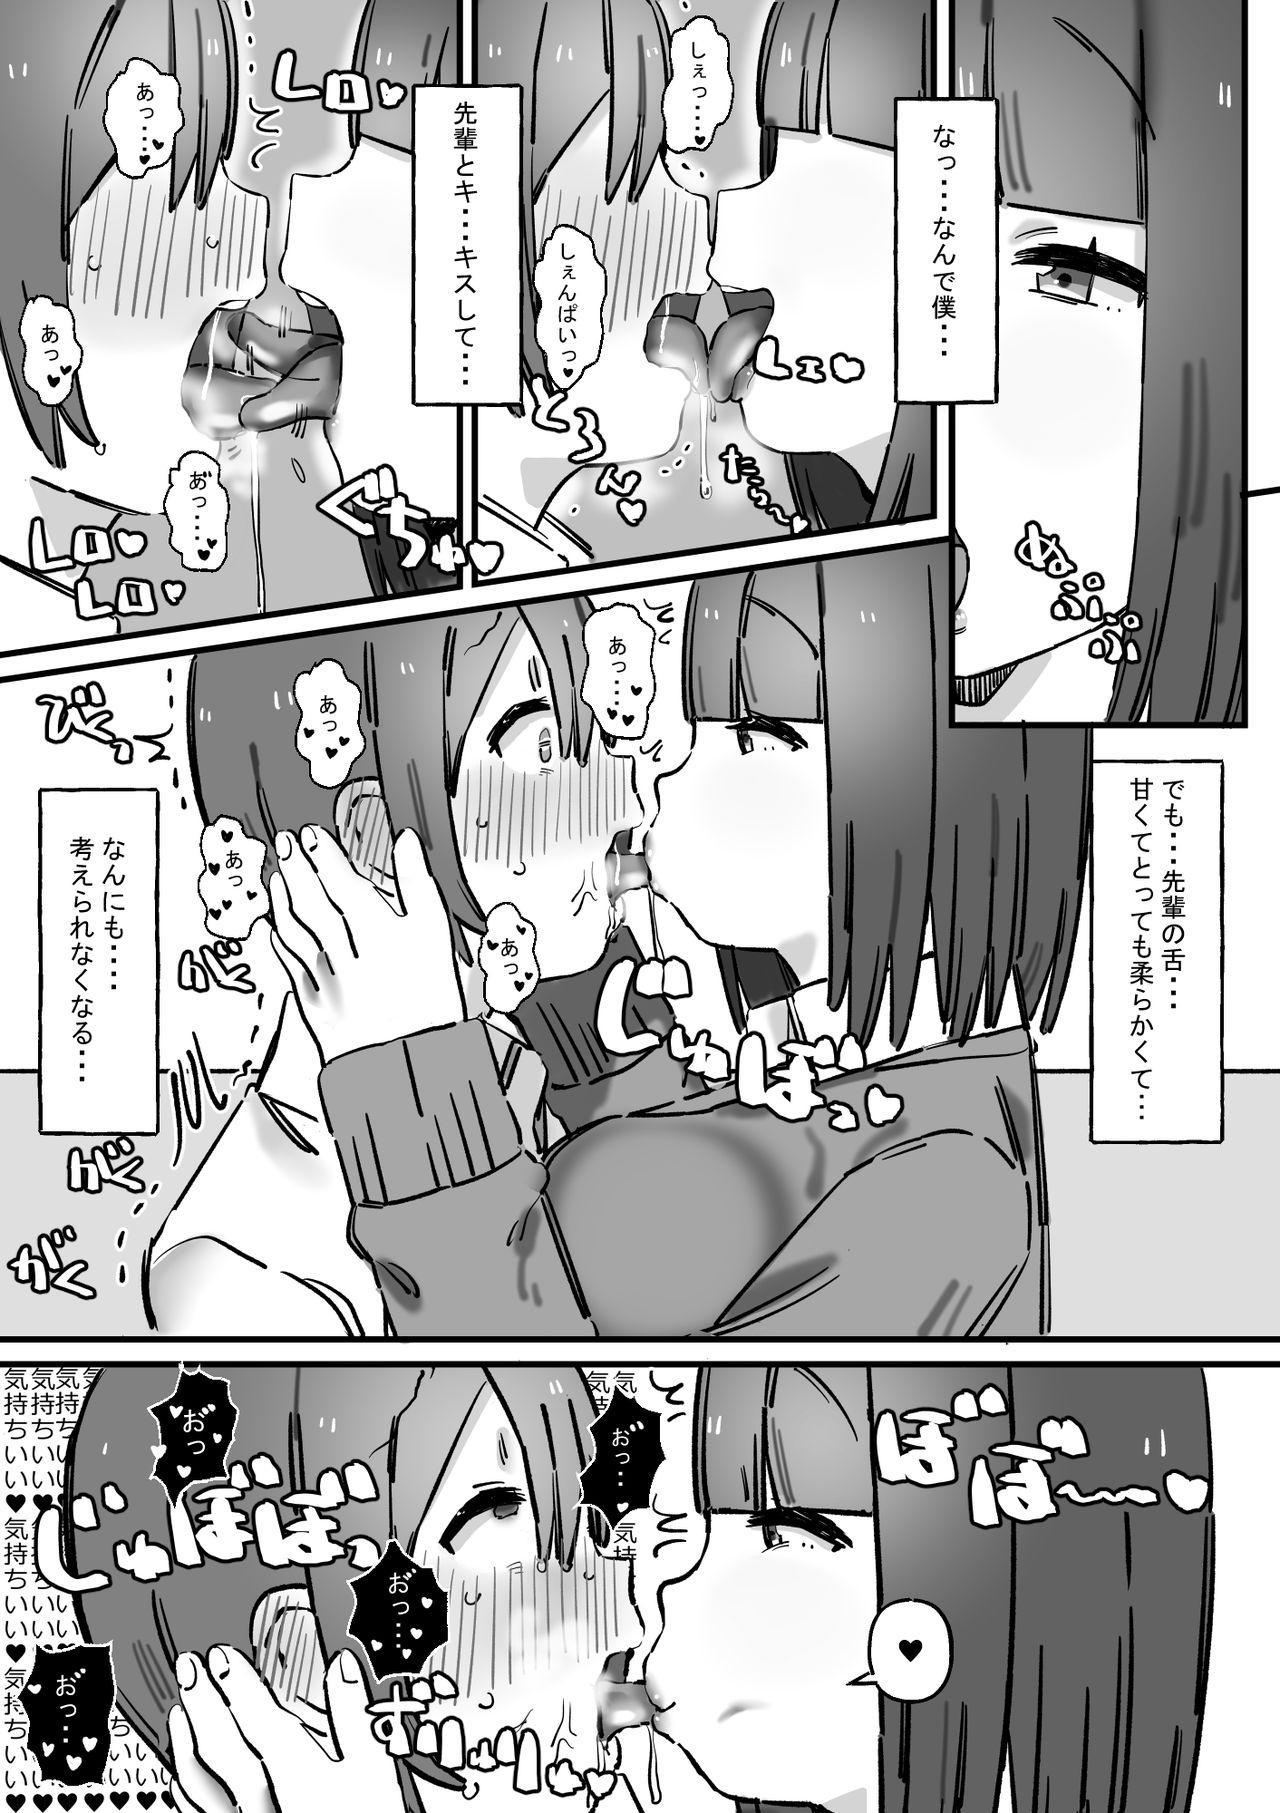 Akogare no Senpai wa Otoko o Moteasobu Waru~i Onnanoko 5